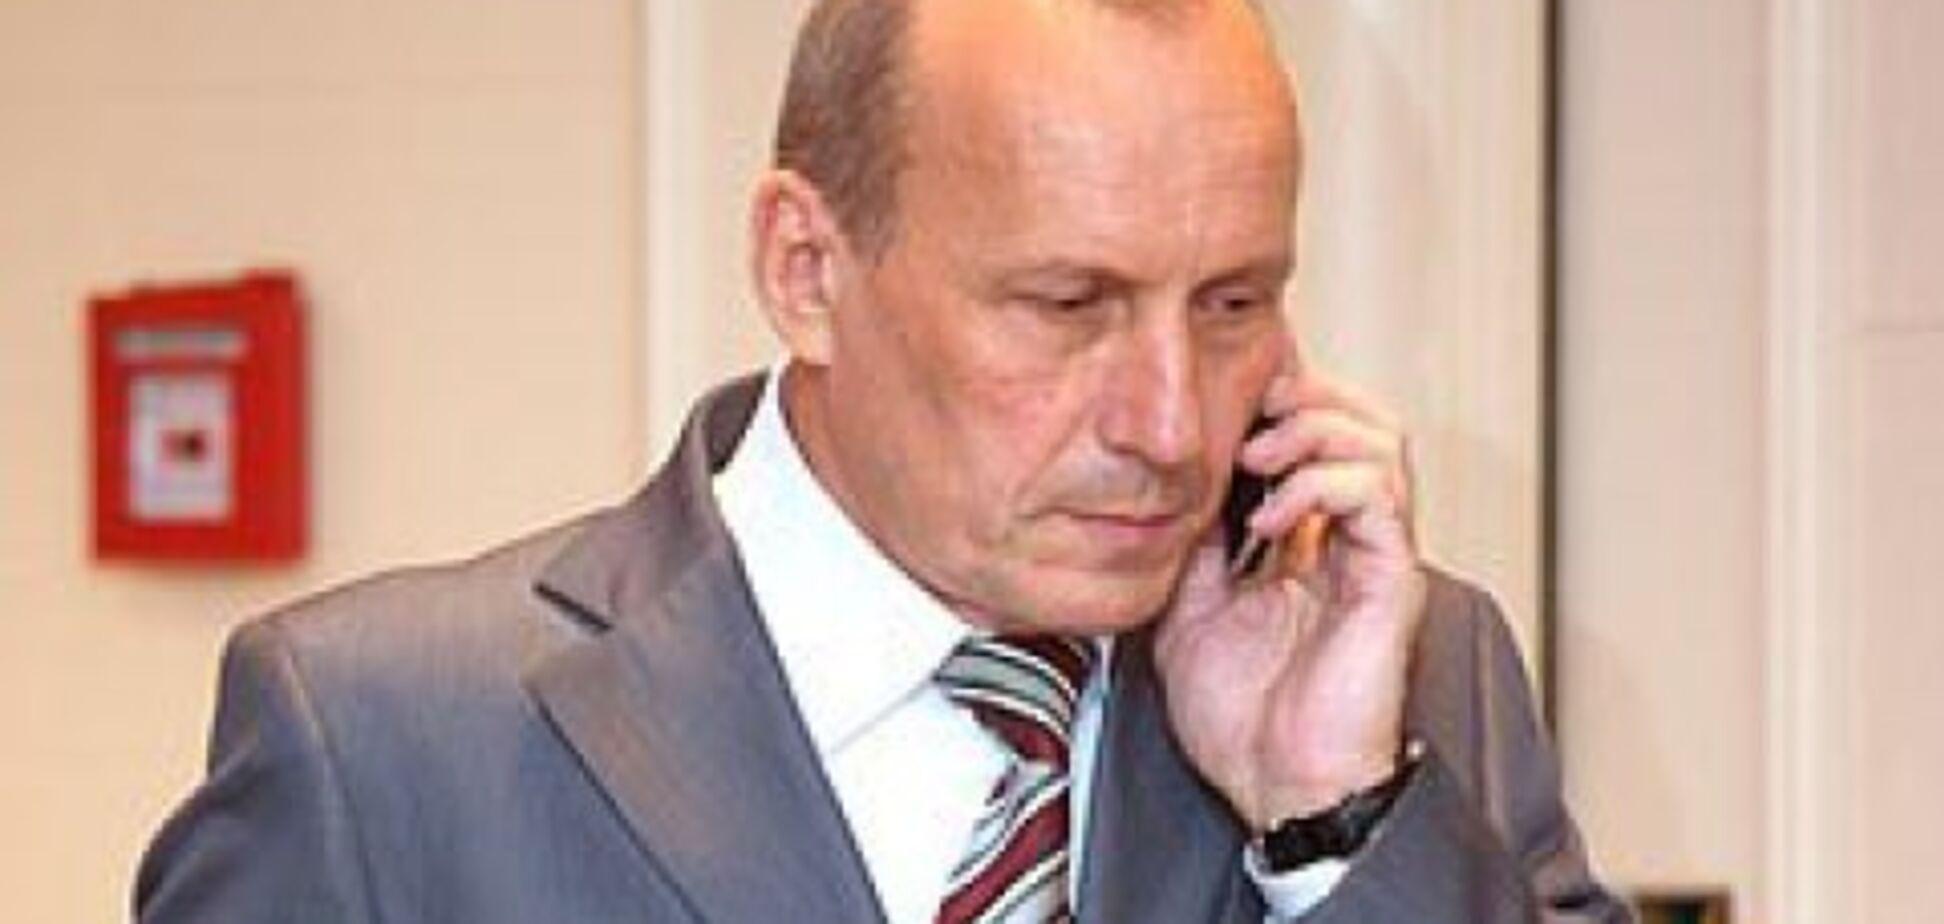 Комітет Ради дозволив арешт нардепа від 'Оппоблока'